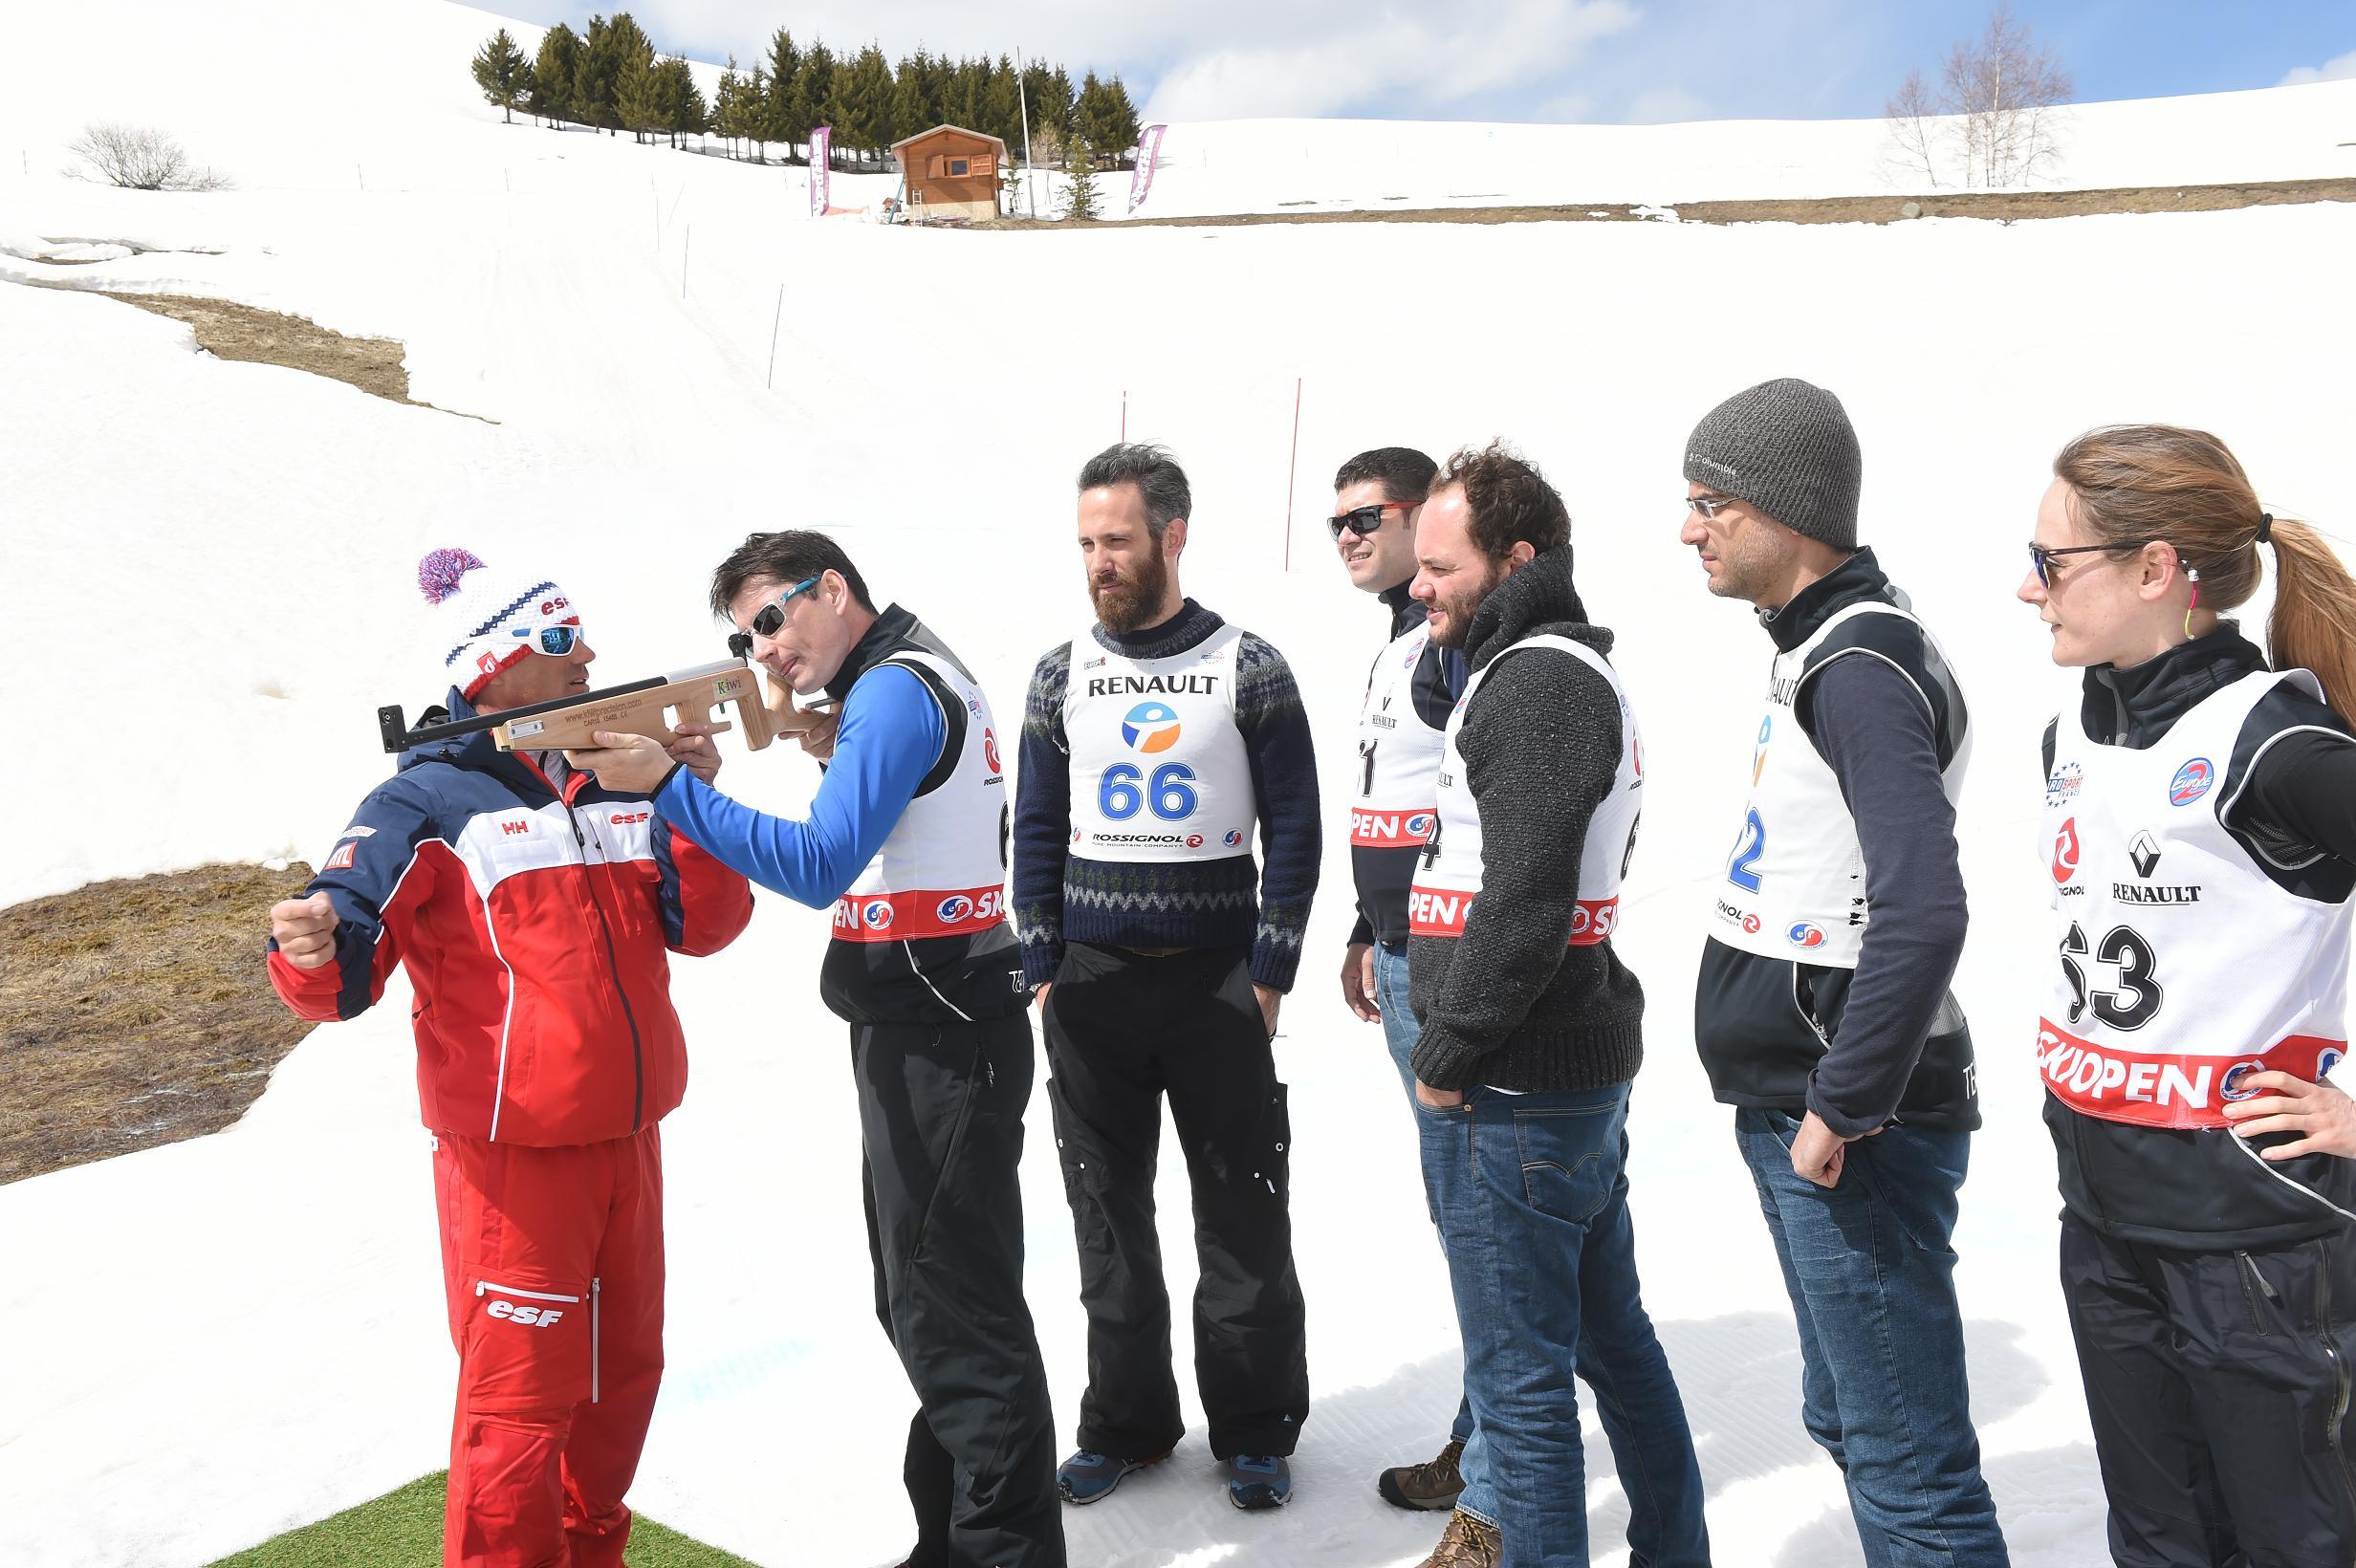 esf business : Plus lisible à l'échelle nationale et internationale cette nouvelle marque se substitue à « Red Ski Organisation » utilisée depuis 10 ans - DR